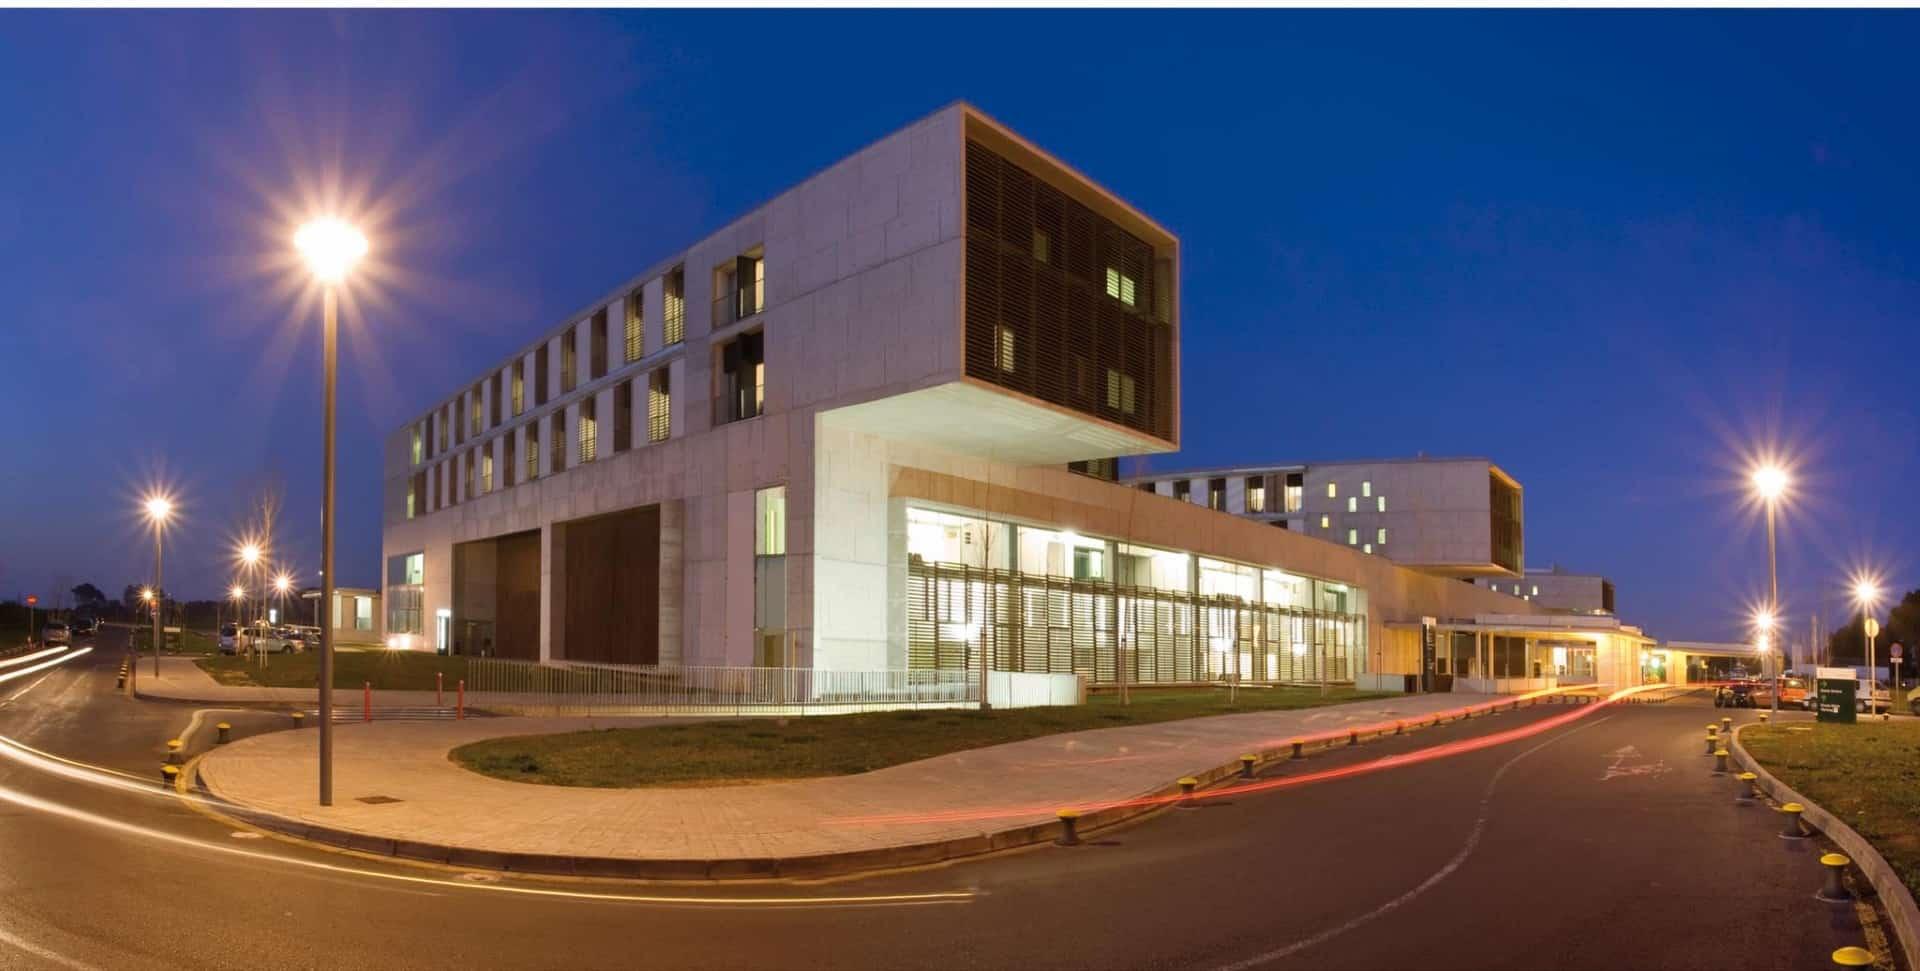 Hospital de Denia (Alicante)